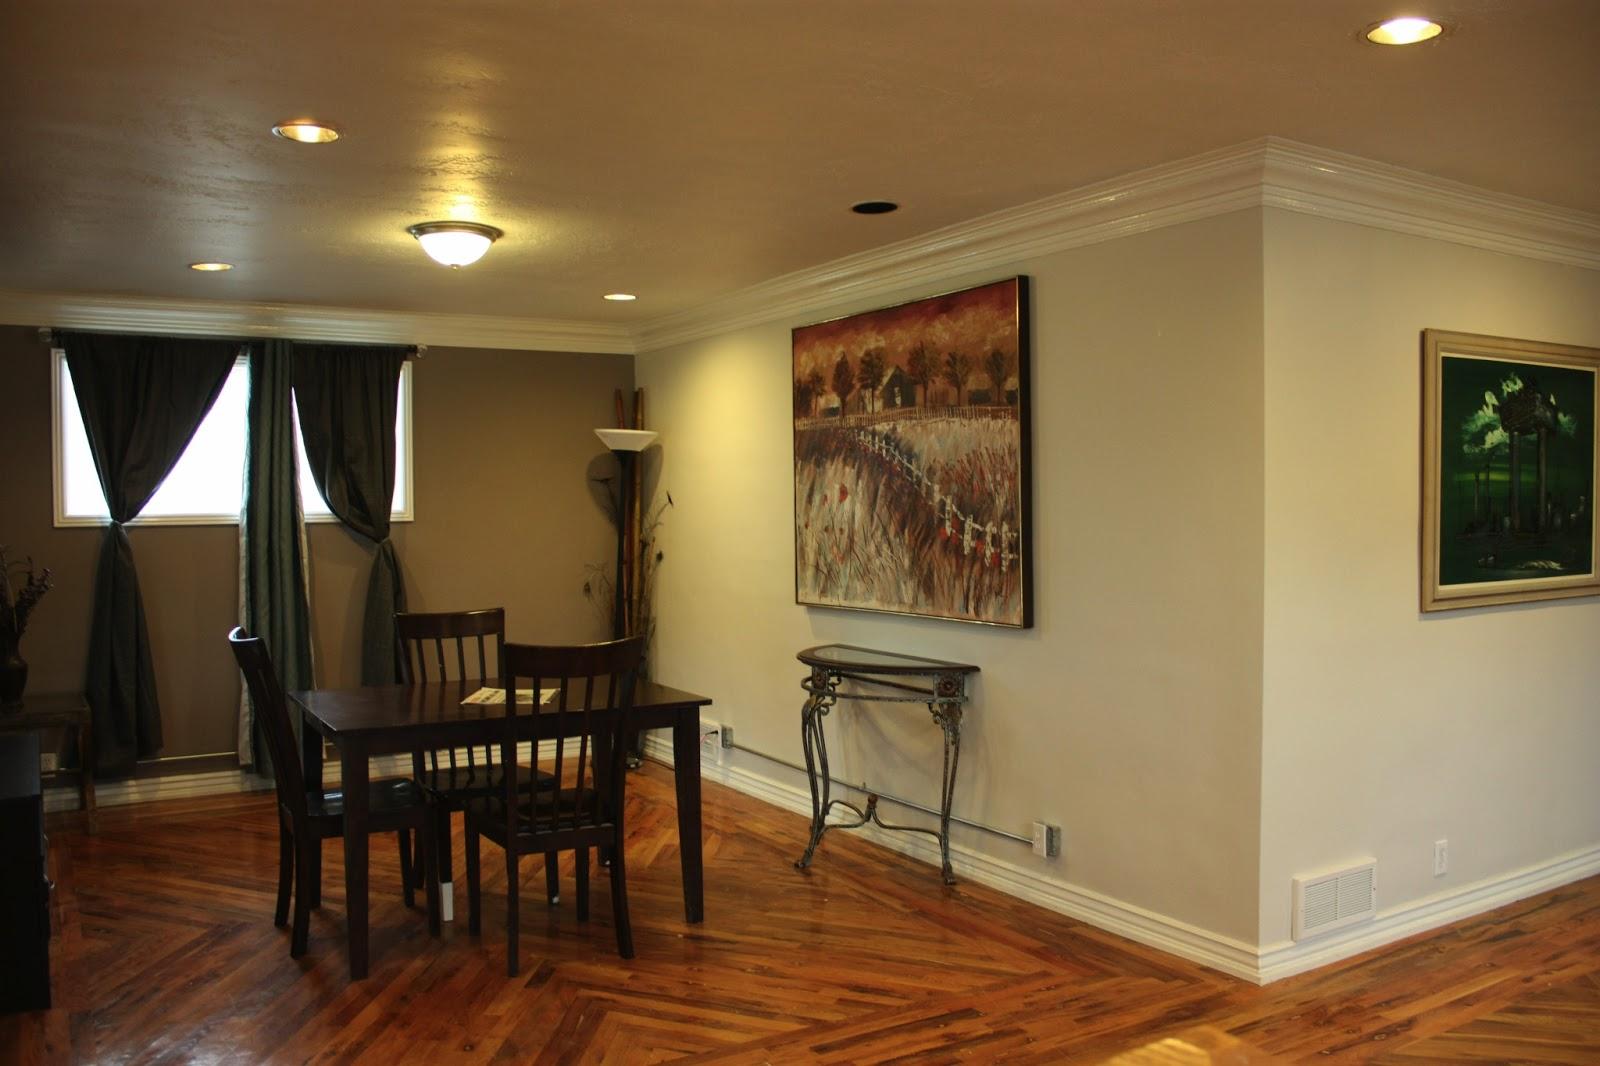 remodel living room livingroomremodel livingroom roomremodel intricate hardwood floors